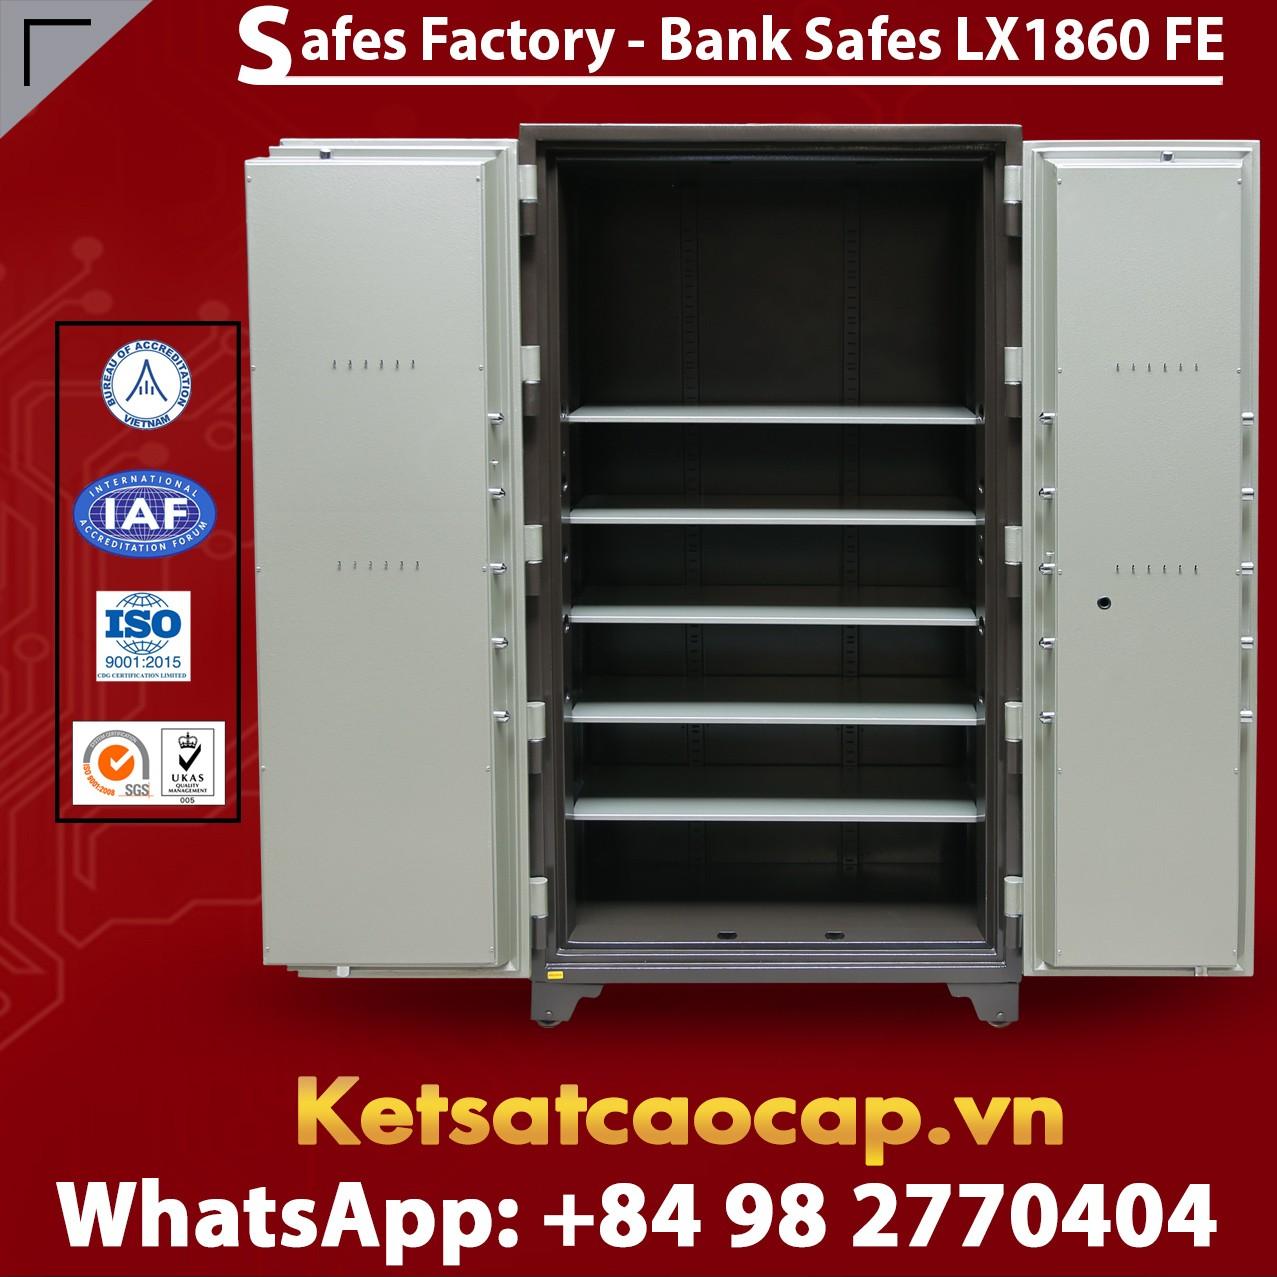 Bank Safes LX 1860 FE Two Door Fingerprint Electronic Locking System